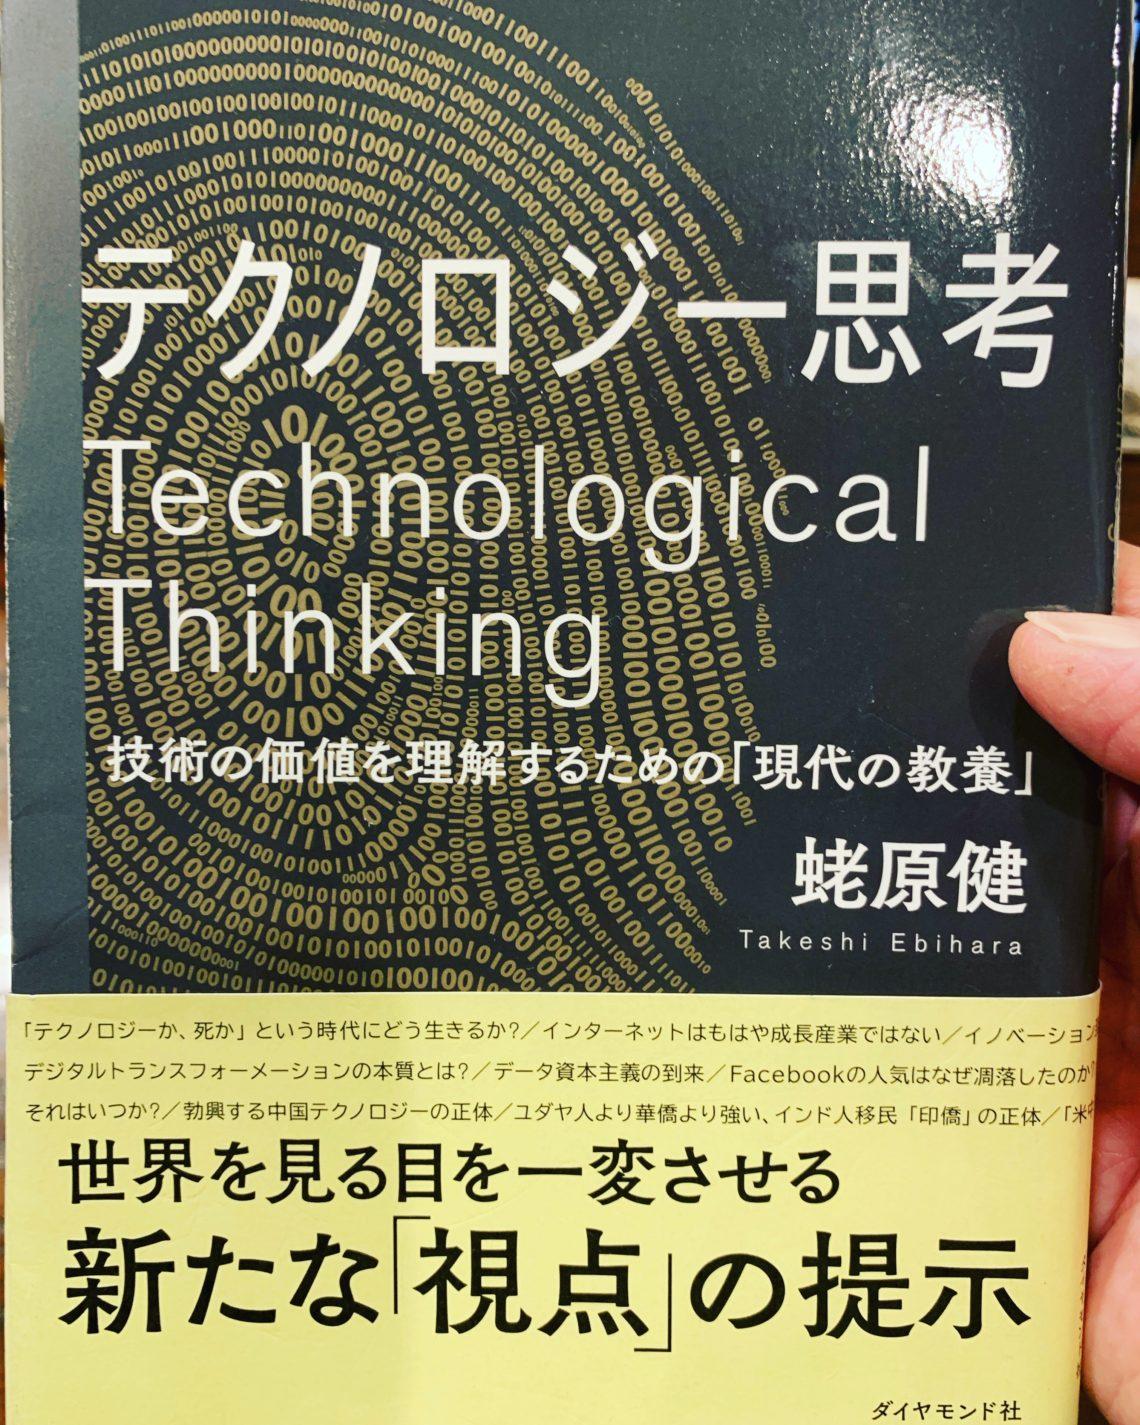 「テクノロジー思考」と「現代の教養」。